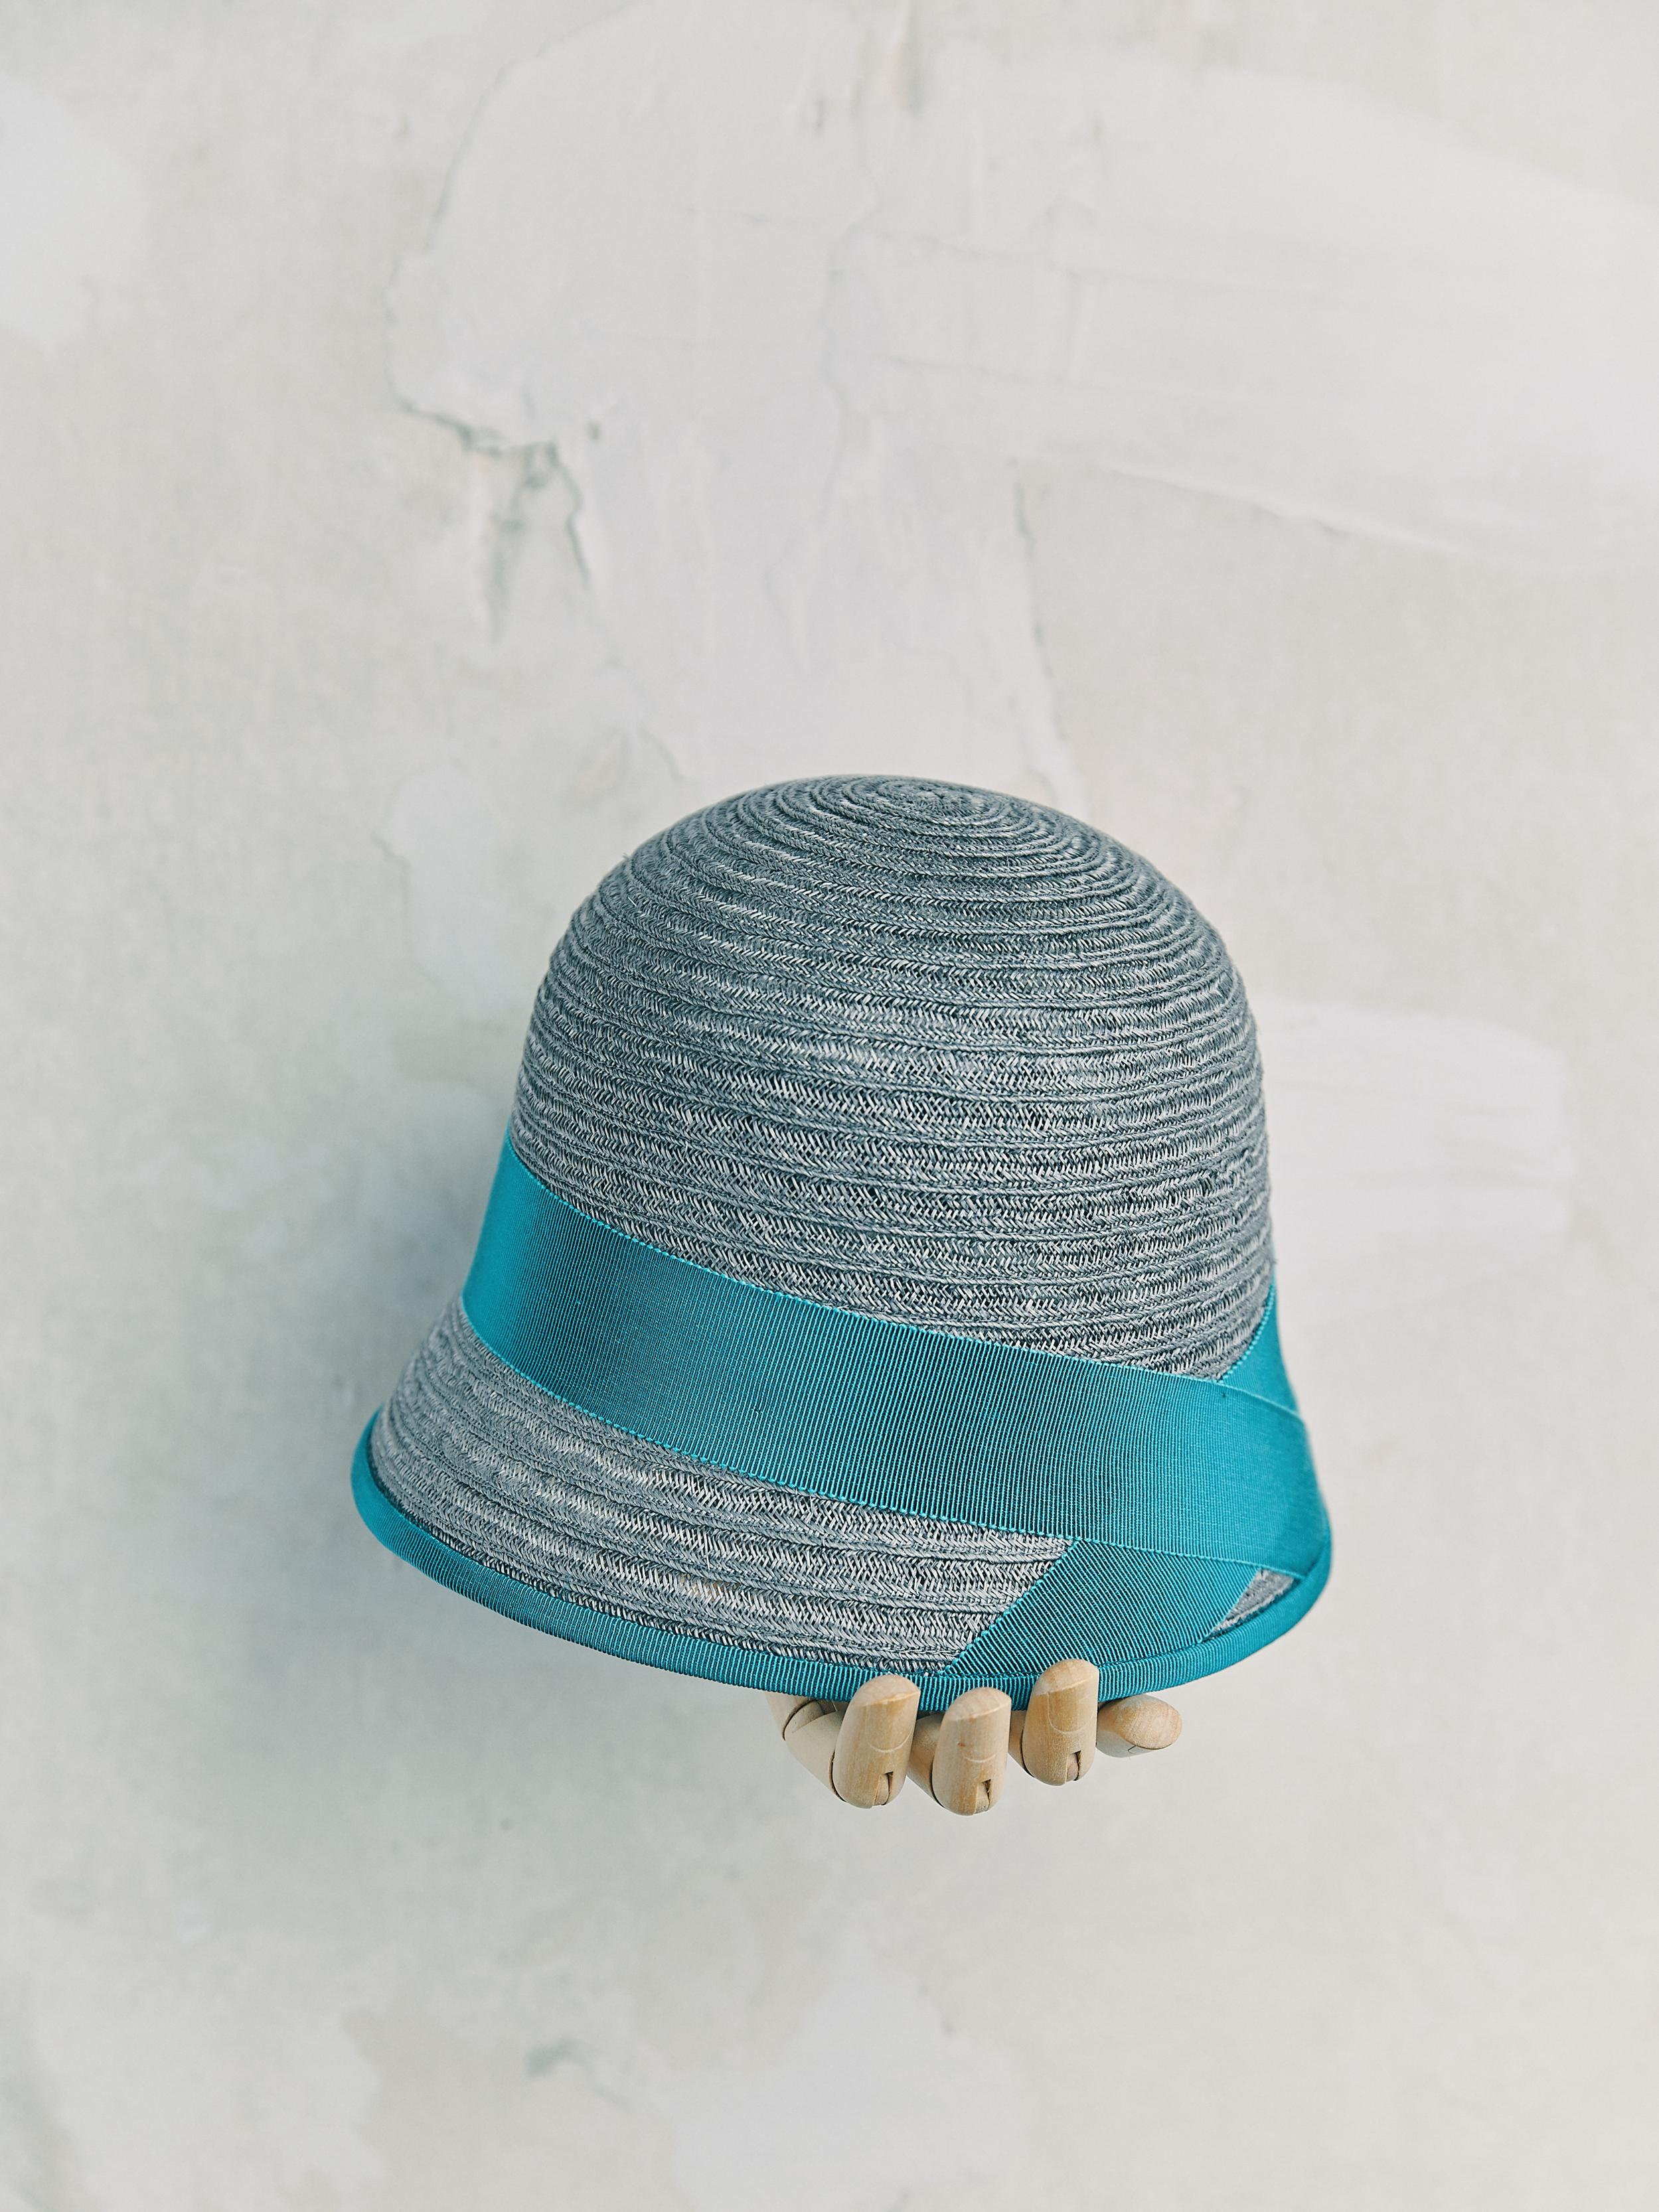 CHAPEAU CLOCHE - Gris bordé ruban Turquoise